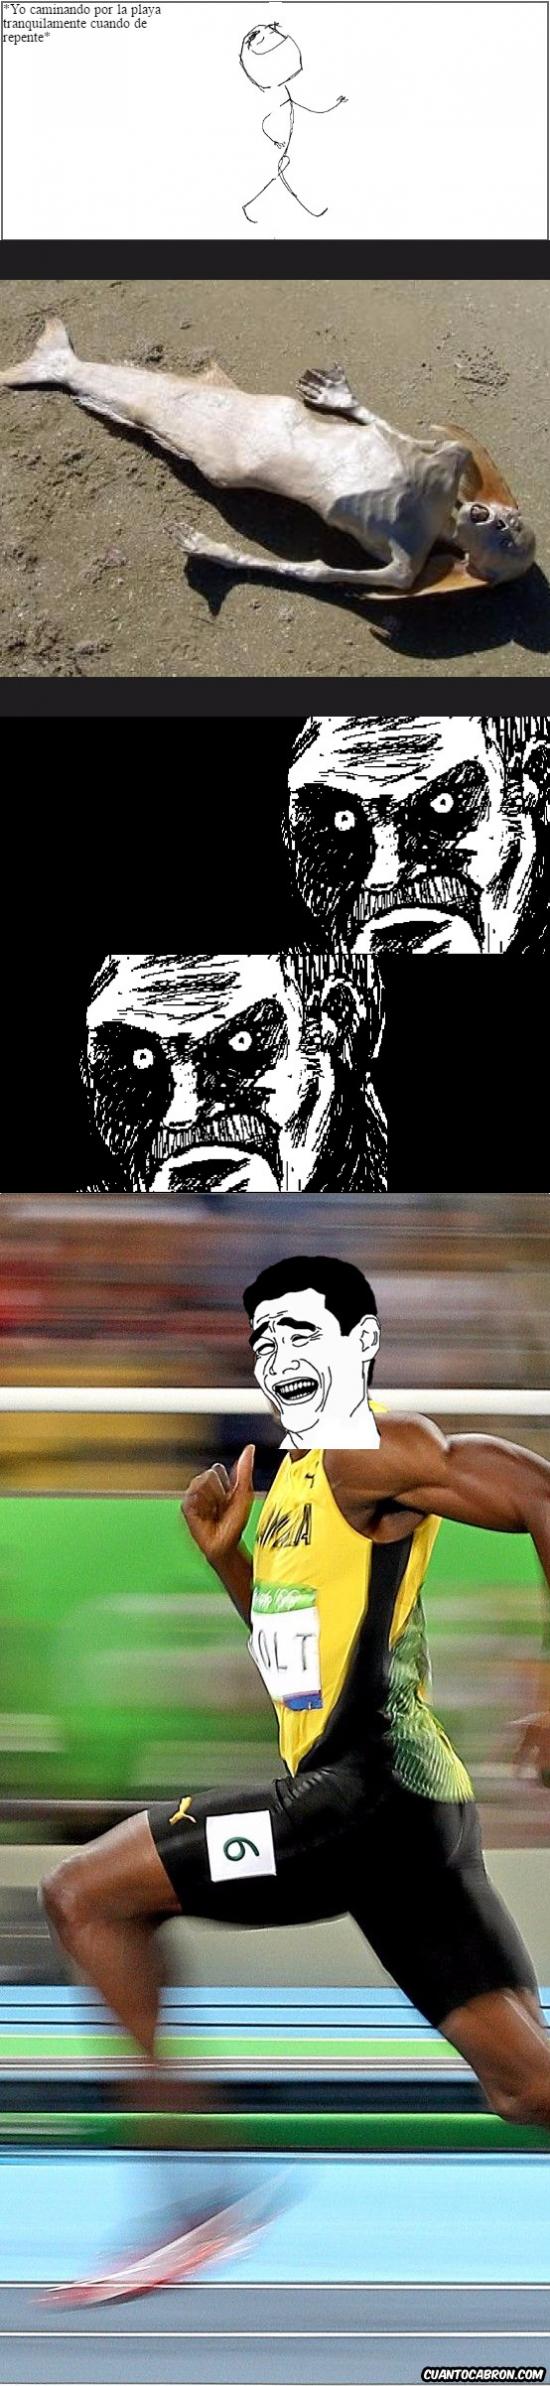 Yao - No tengo miedo... ¡CORRE!